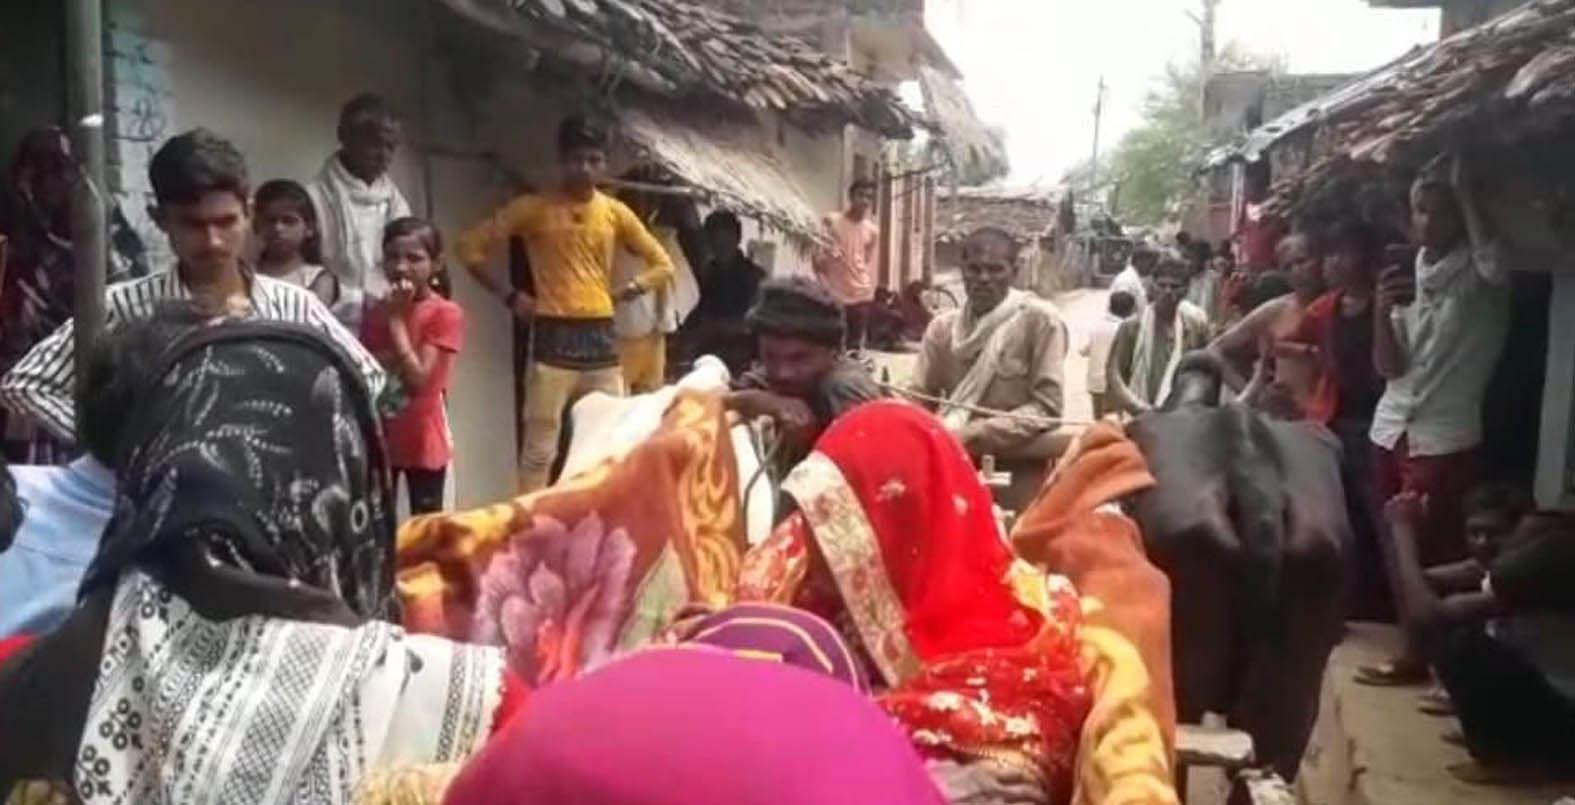 बांदा जिले के नरैनी क्षेत्र में बैलगाड़ी में विदा होती दुल्हन। संवाद